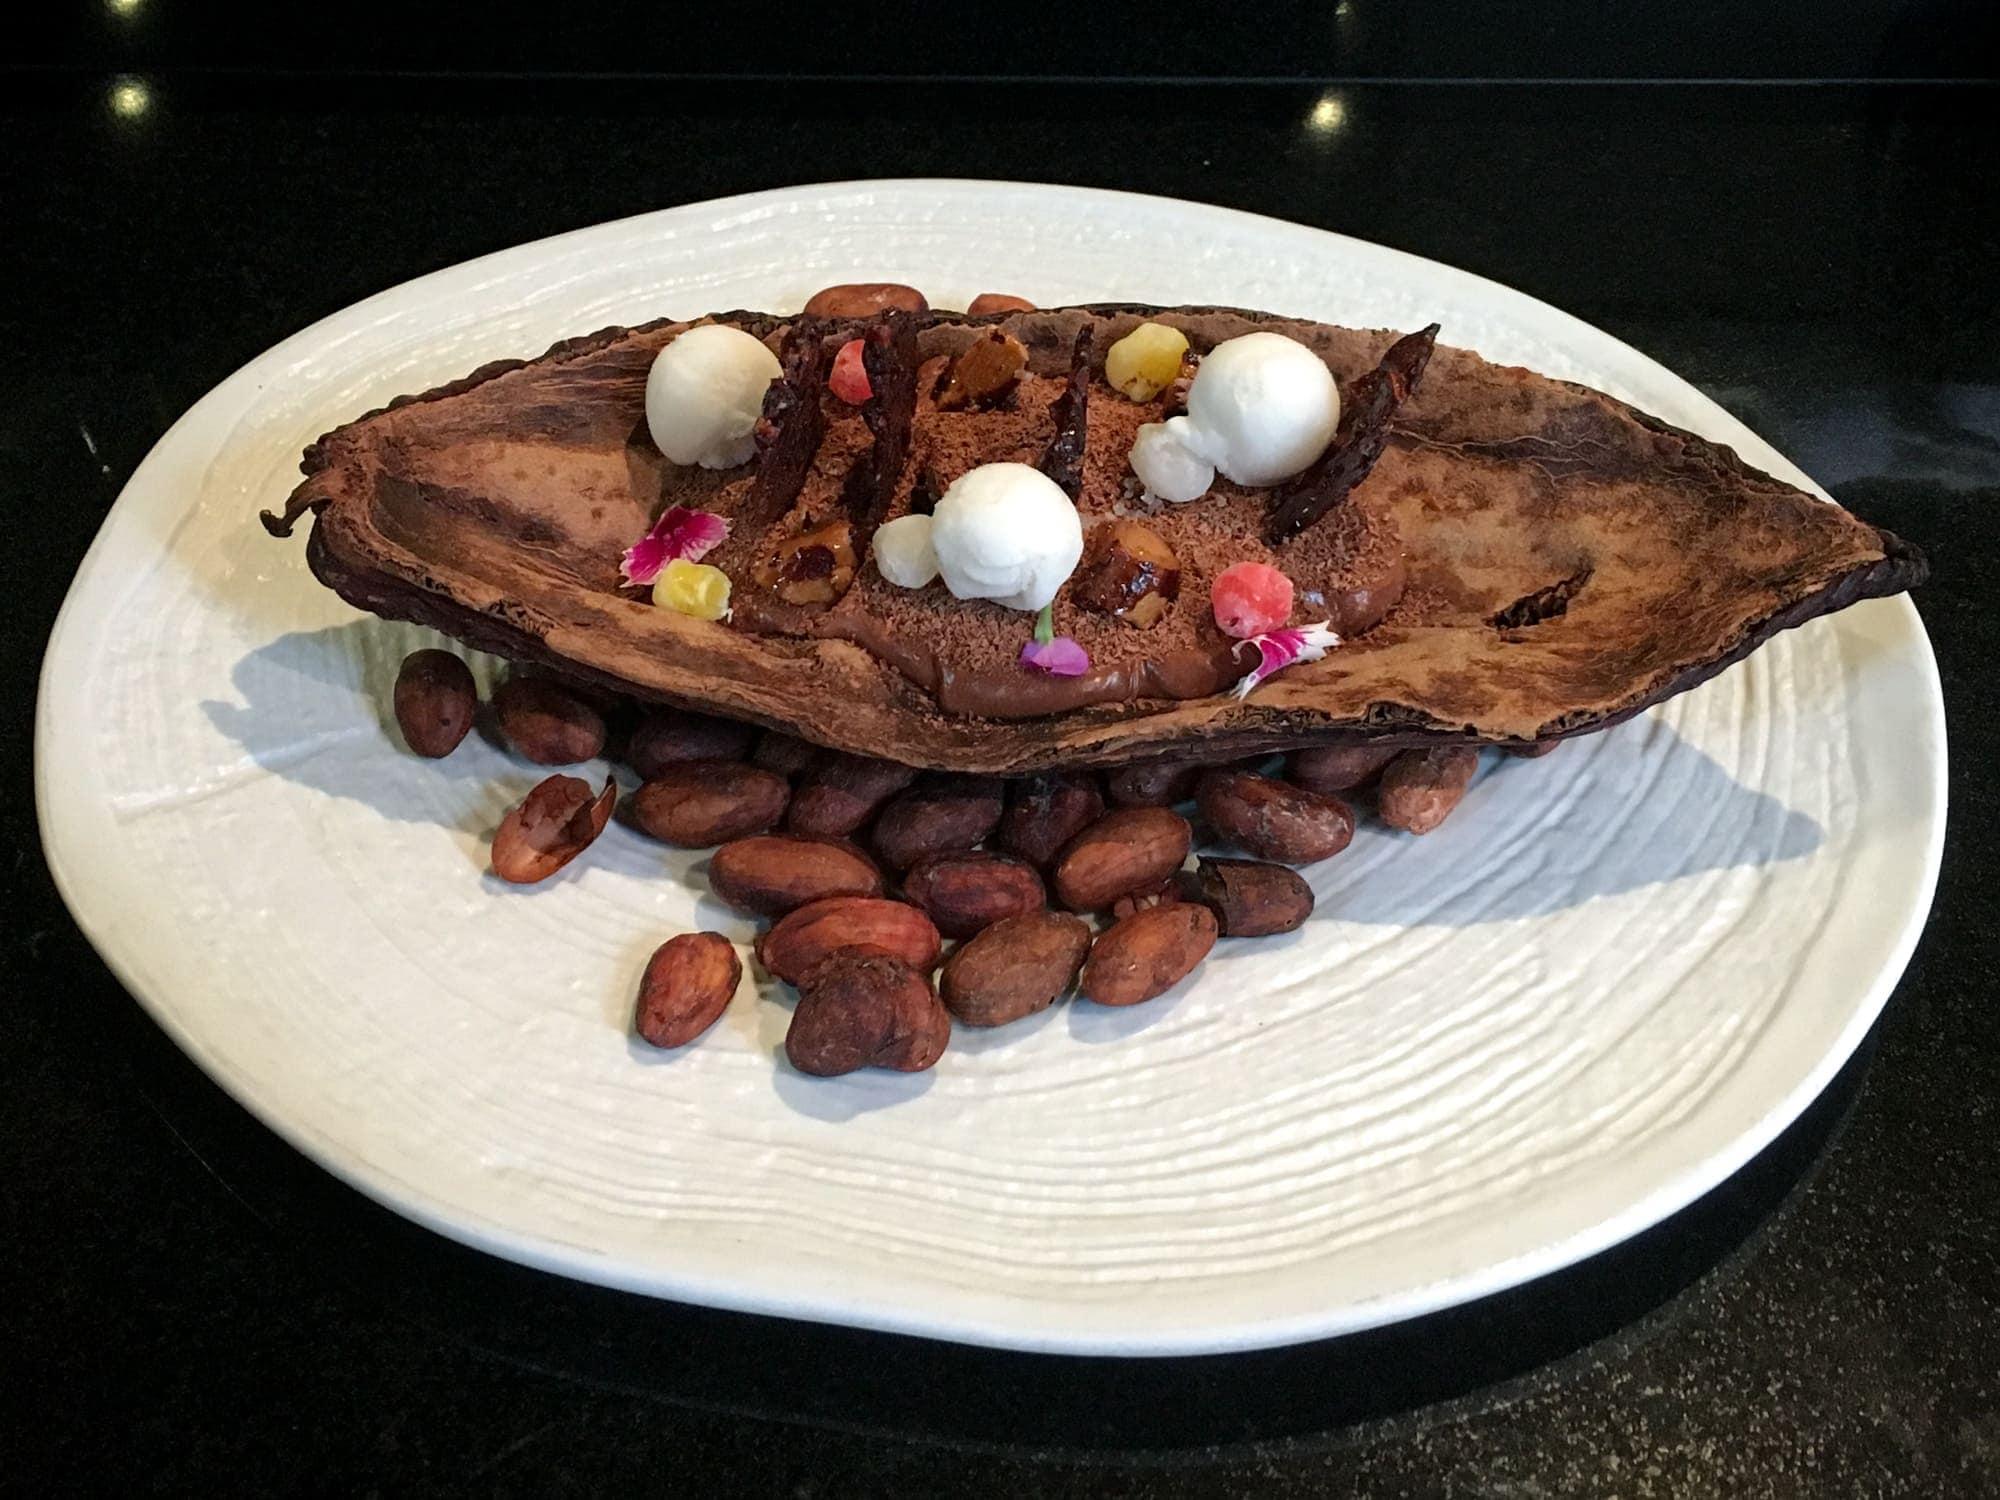 Cacao dessert